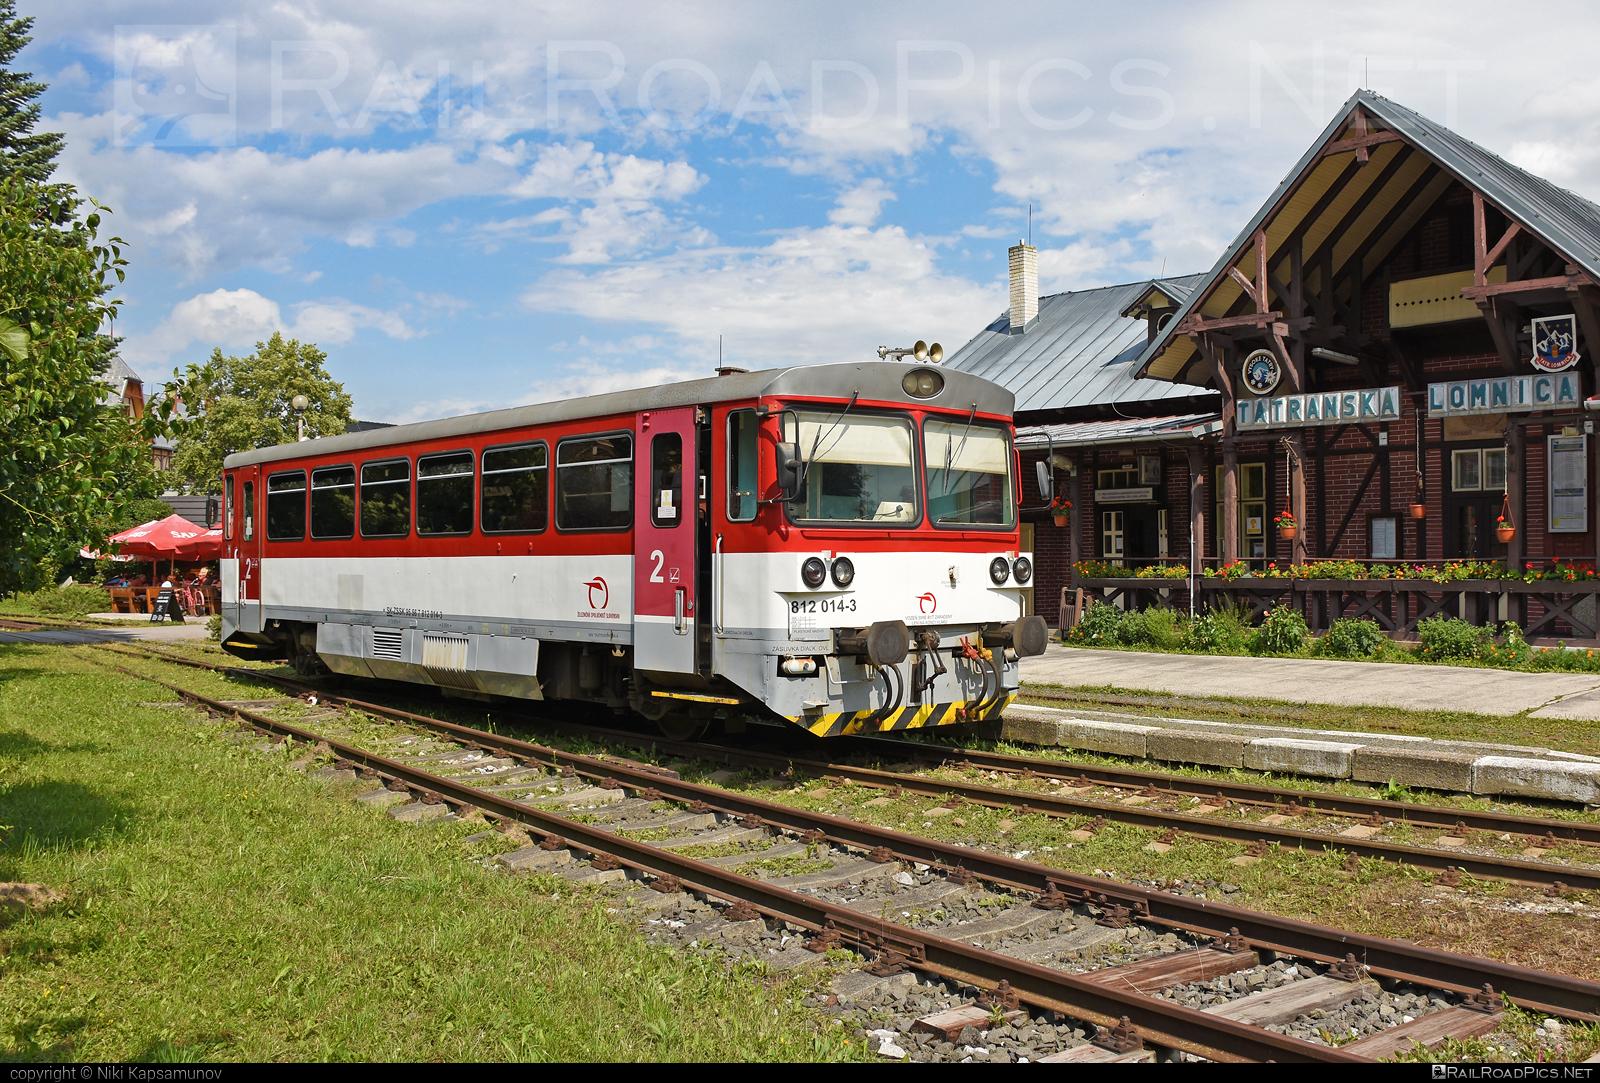 ŽOS Zvolen Class 812 - 812 014-3 operated by Železničná Spoločnost' Slovensko, a.s. #ZeleznicnaSpolocnostSlovensko #bageta #zoszvolen #zoszvolen812 #zssk